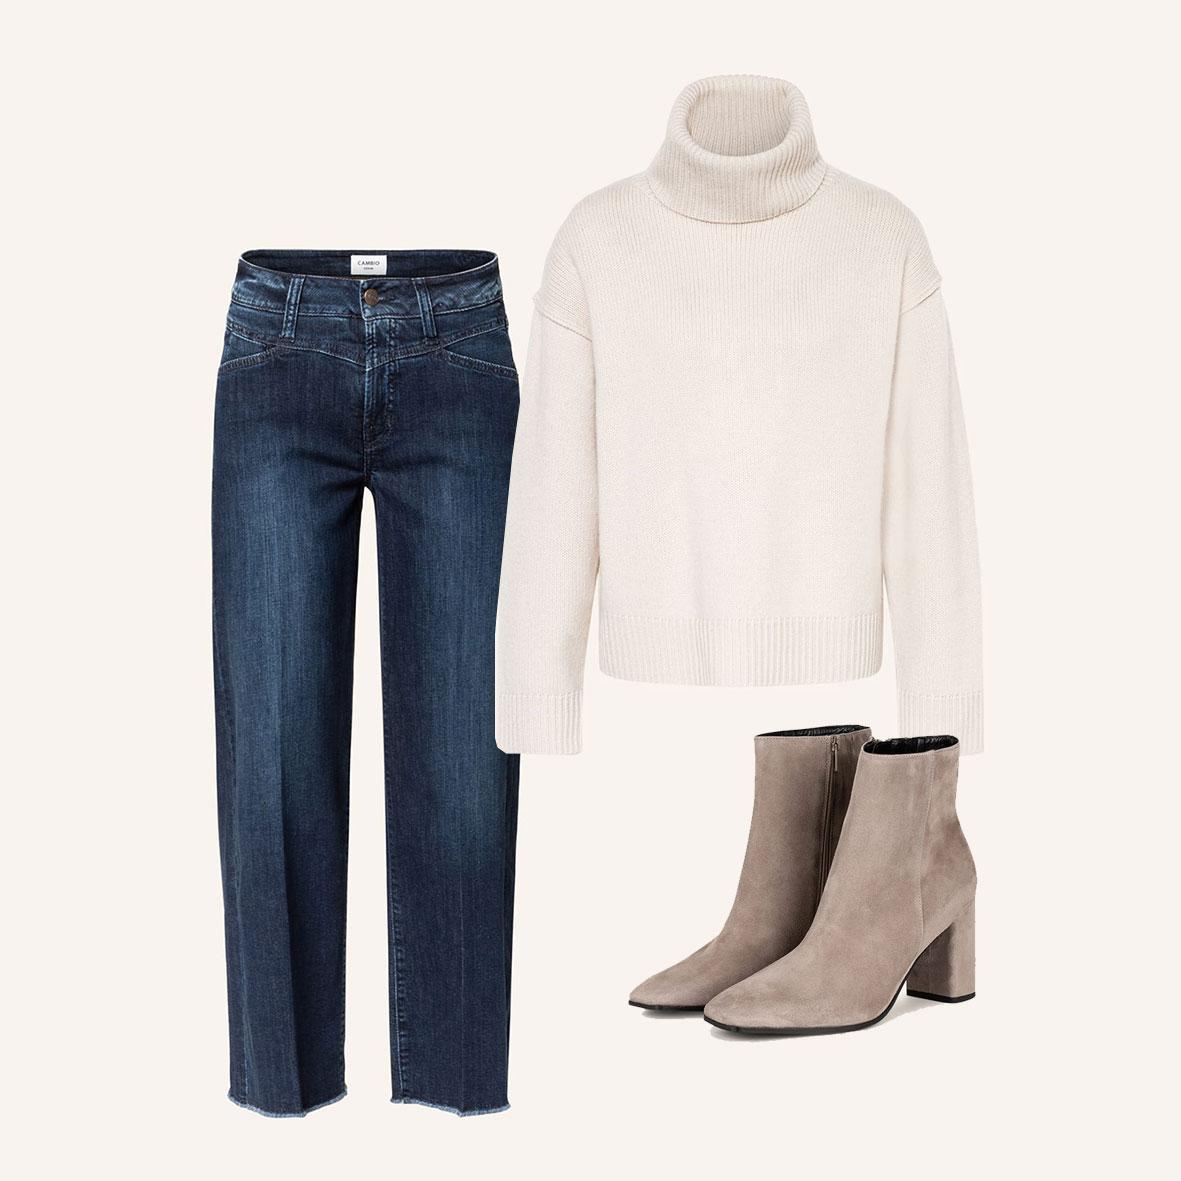 Herbstmode, Inspiration für den Herbst-Look, Jeans und Pulli, Stiefeletten beige, Casual Outfit für die Arbeit